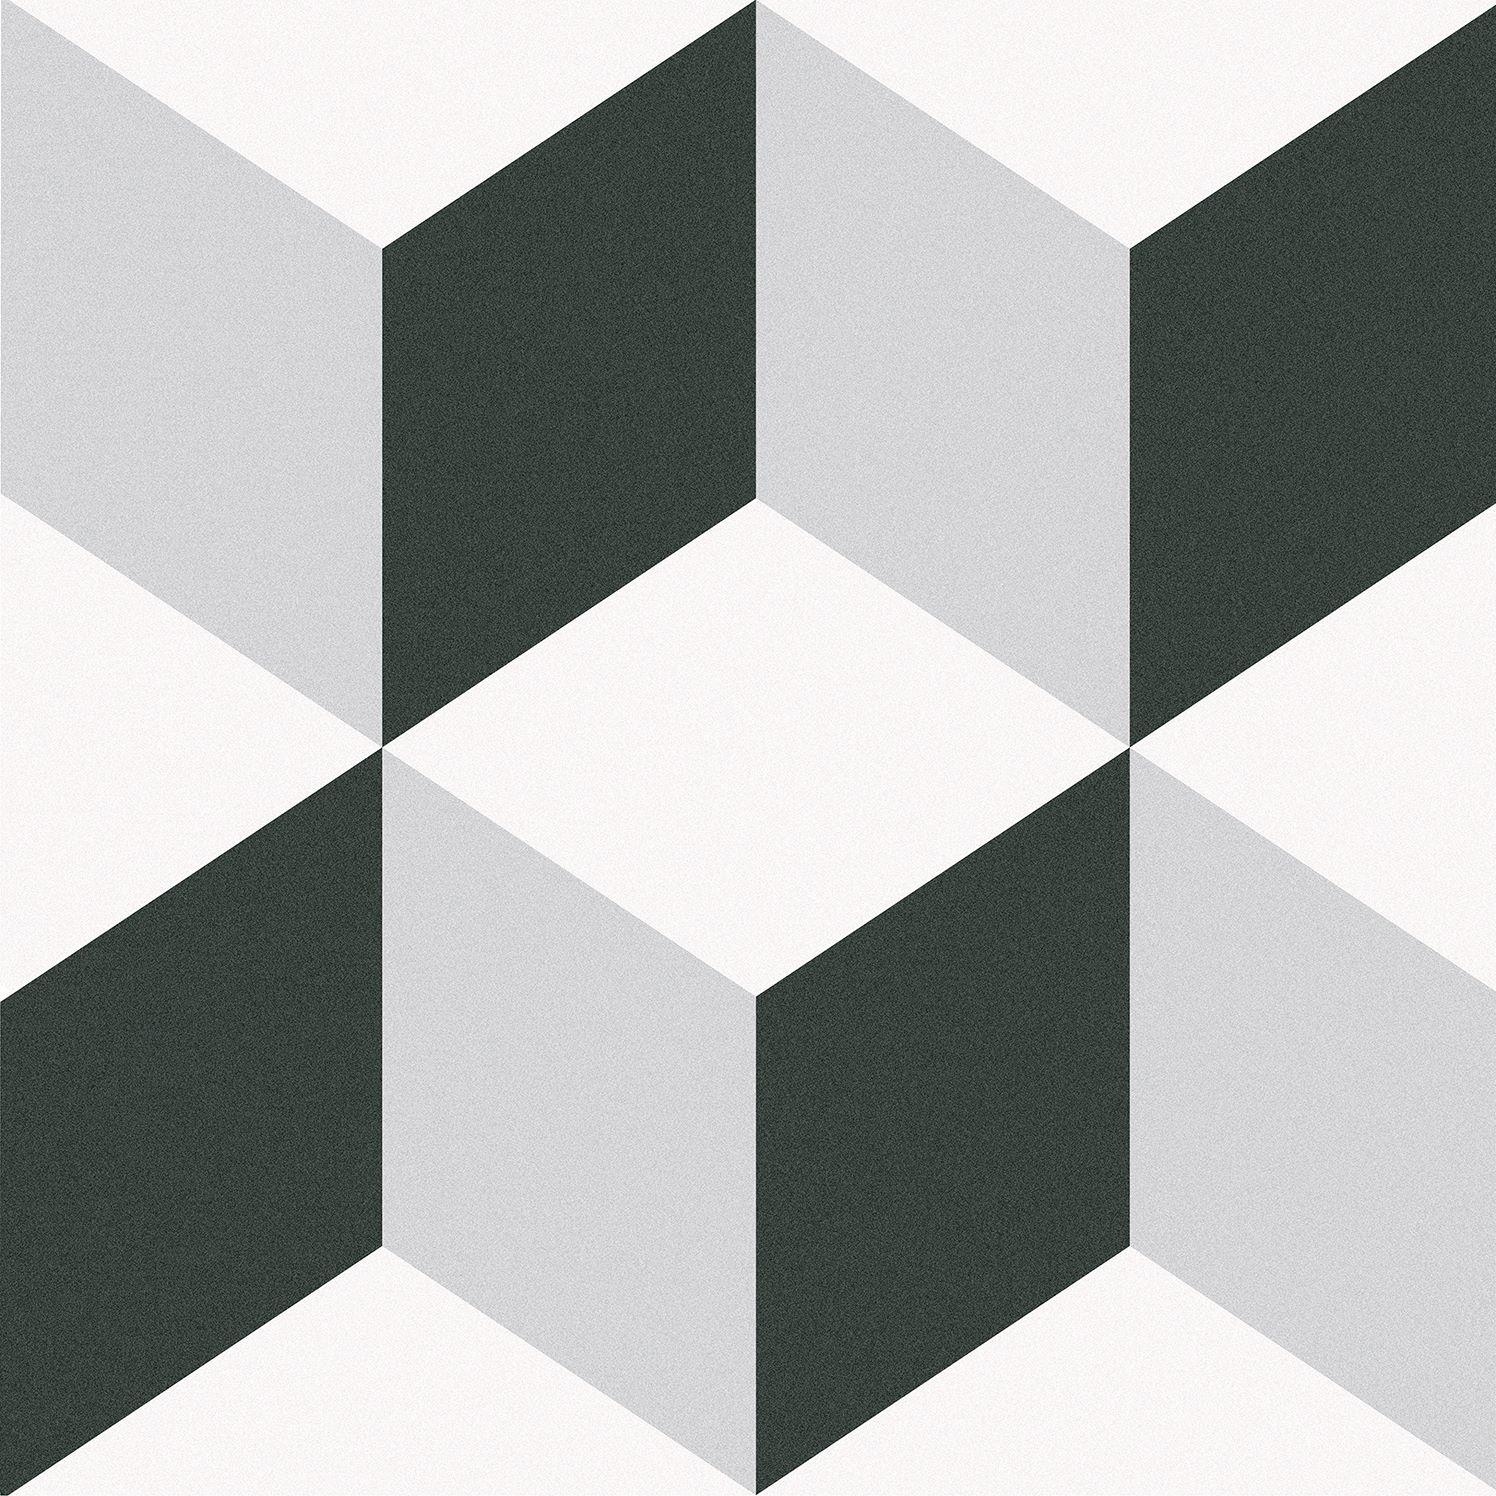 Купить Керамогранит Keros Barcelona Cube 25x25, Испания